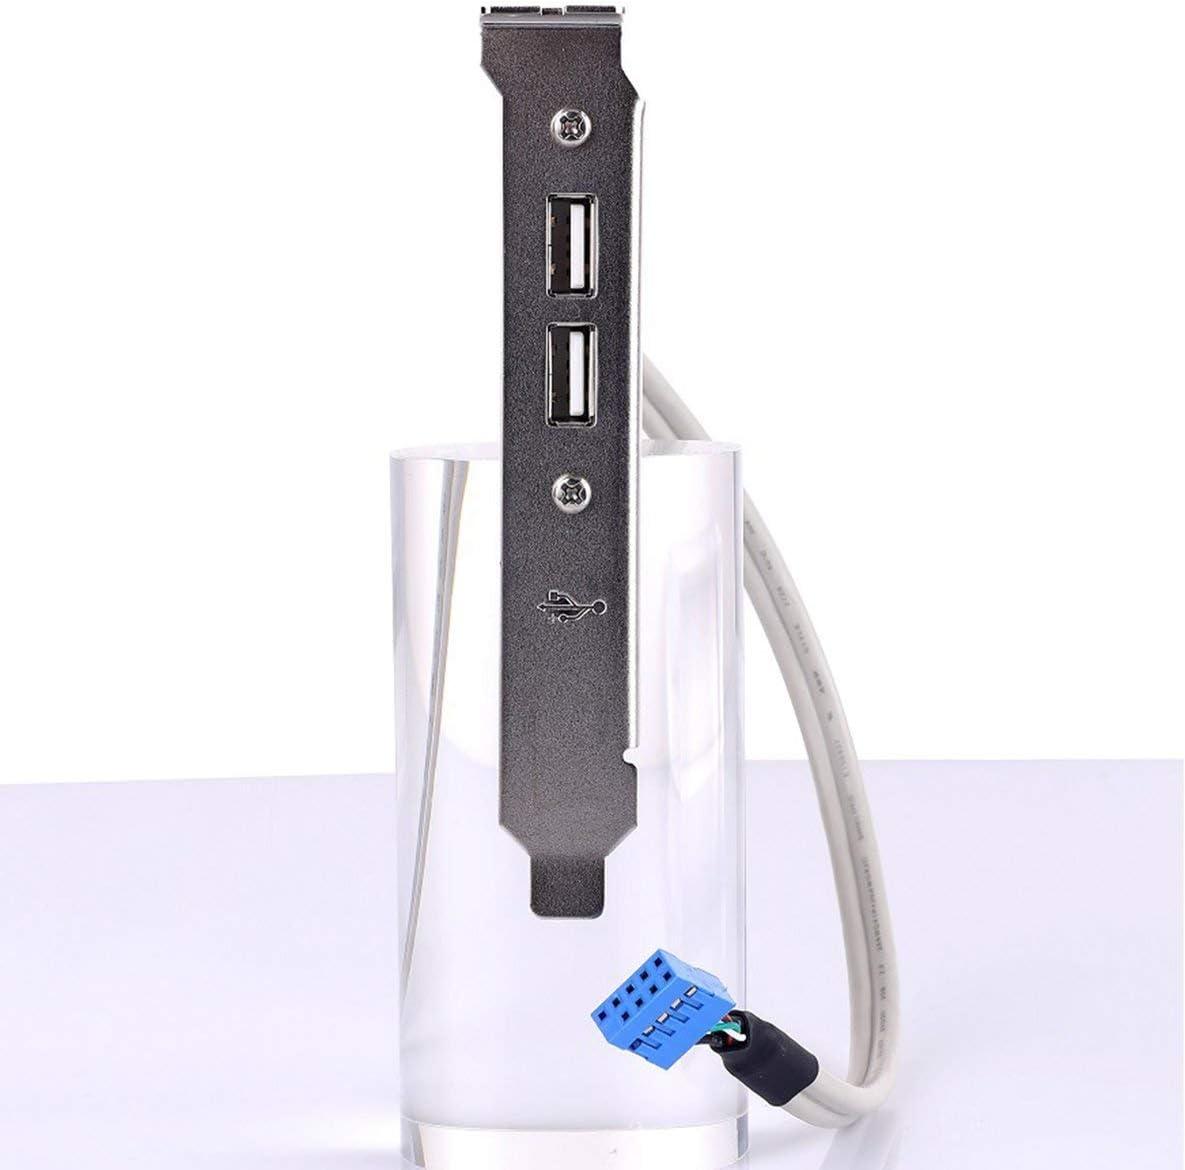 Blanco nbvmngjhjlkjlUK Bisel Trasero USB de Dos Puertos Chasis de la computadora de Escritorio bit PCI USB 2.0 Cable de extensi/ón de la Placa Base Bisel de extensi/ón USB de Dos Puertos